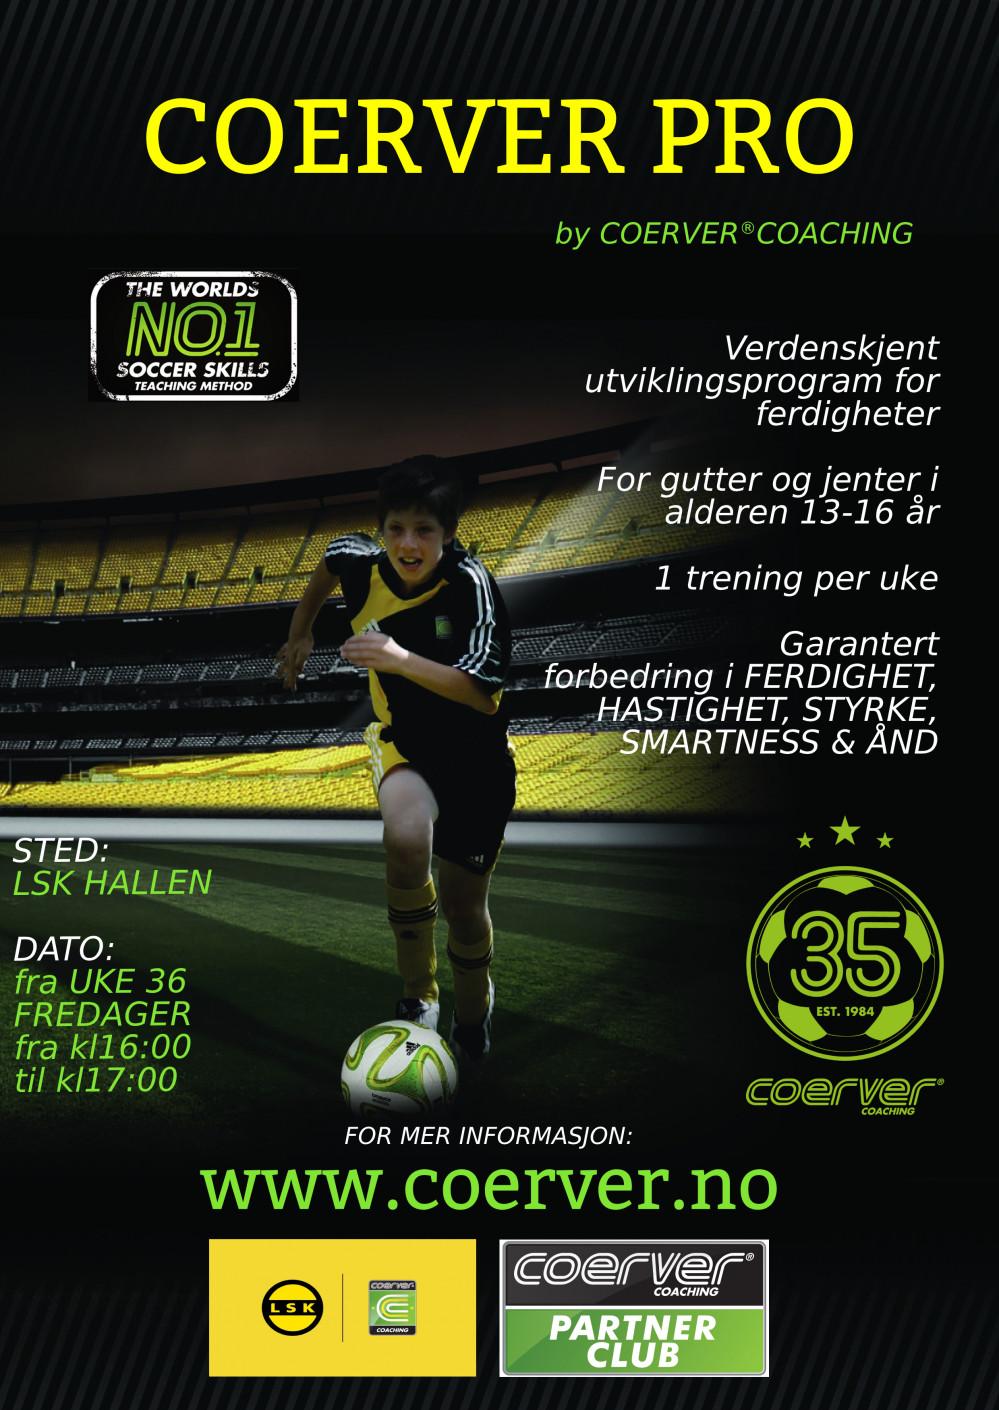 Coerver Pro